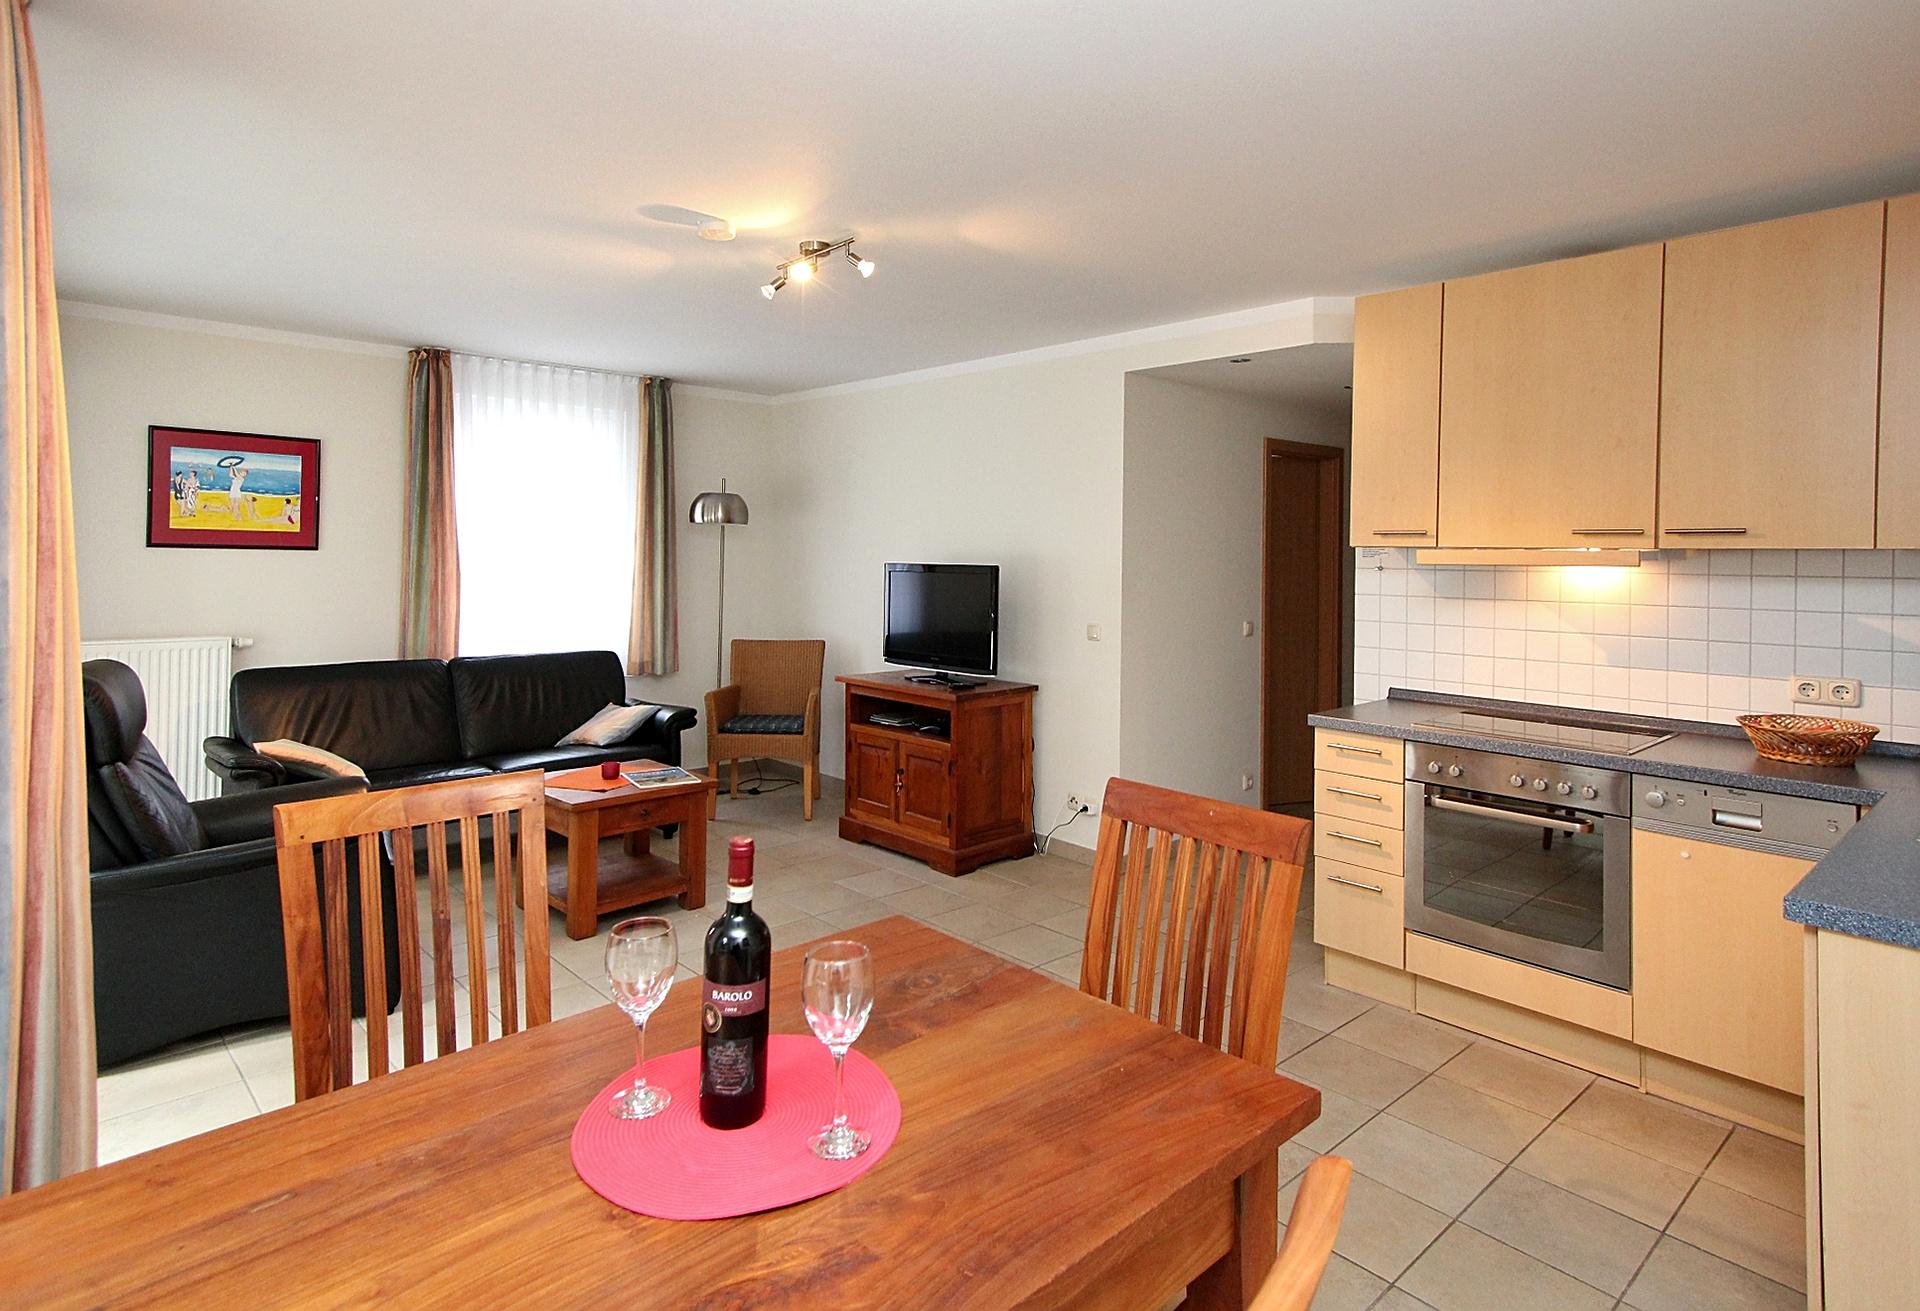 01 wohnraum mit küche